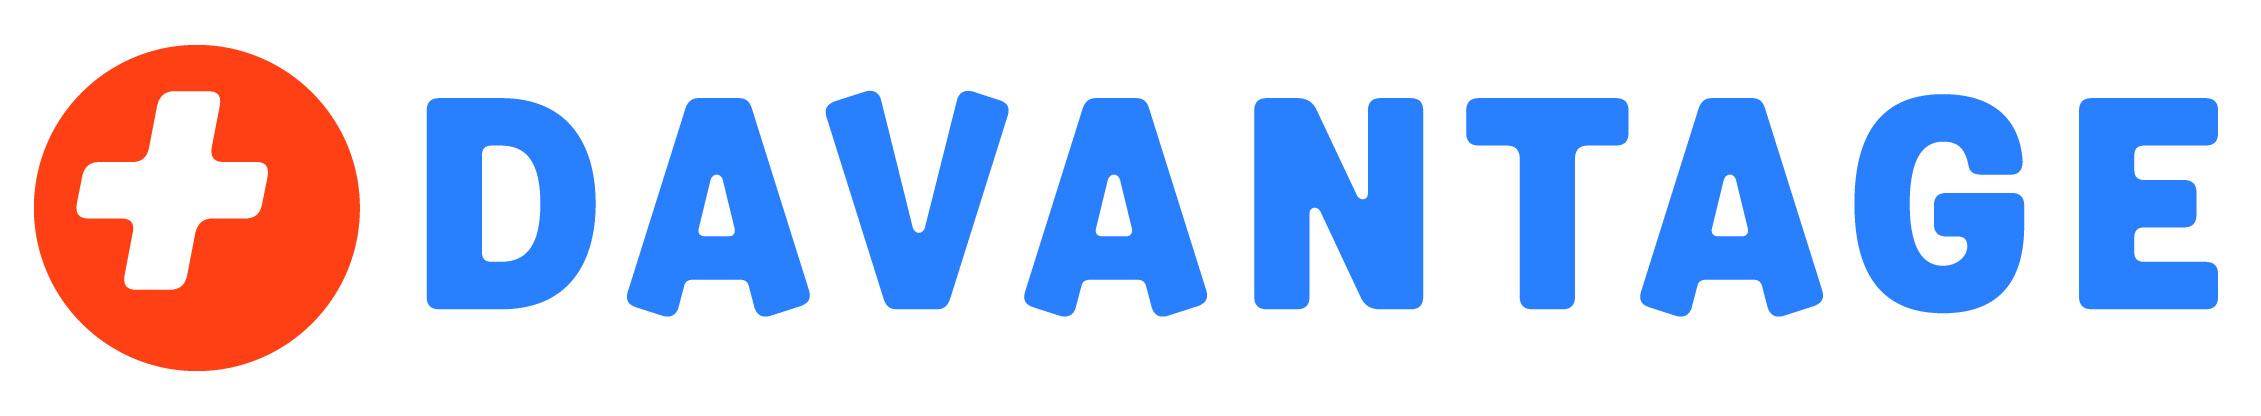 www.davantage.cz - logo